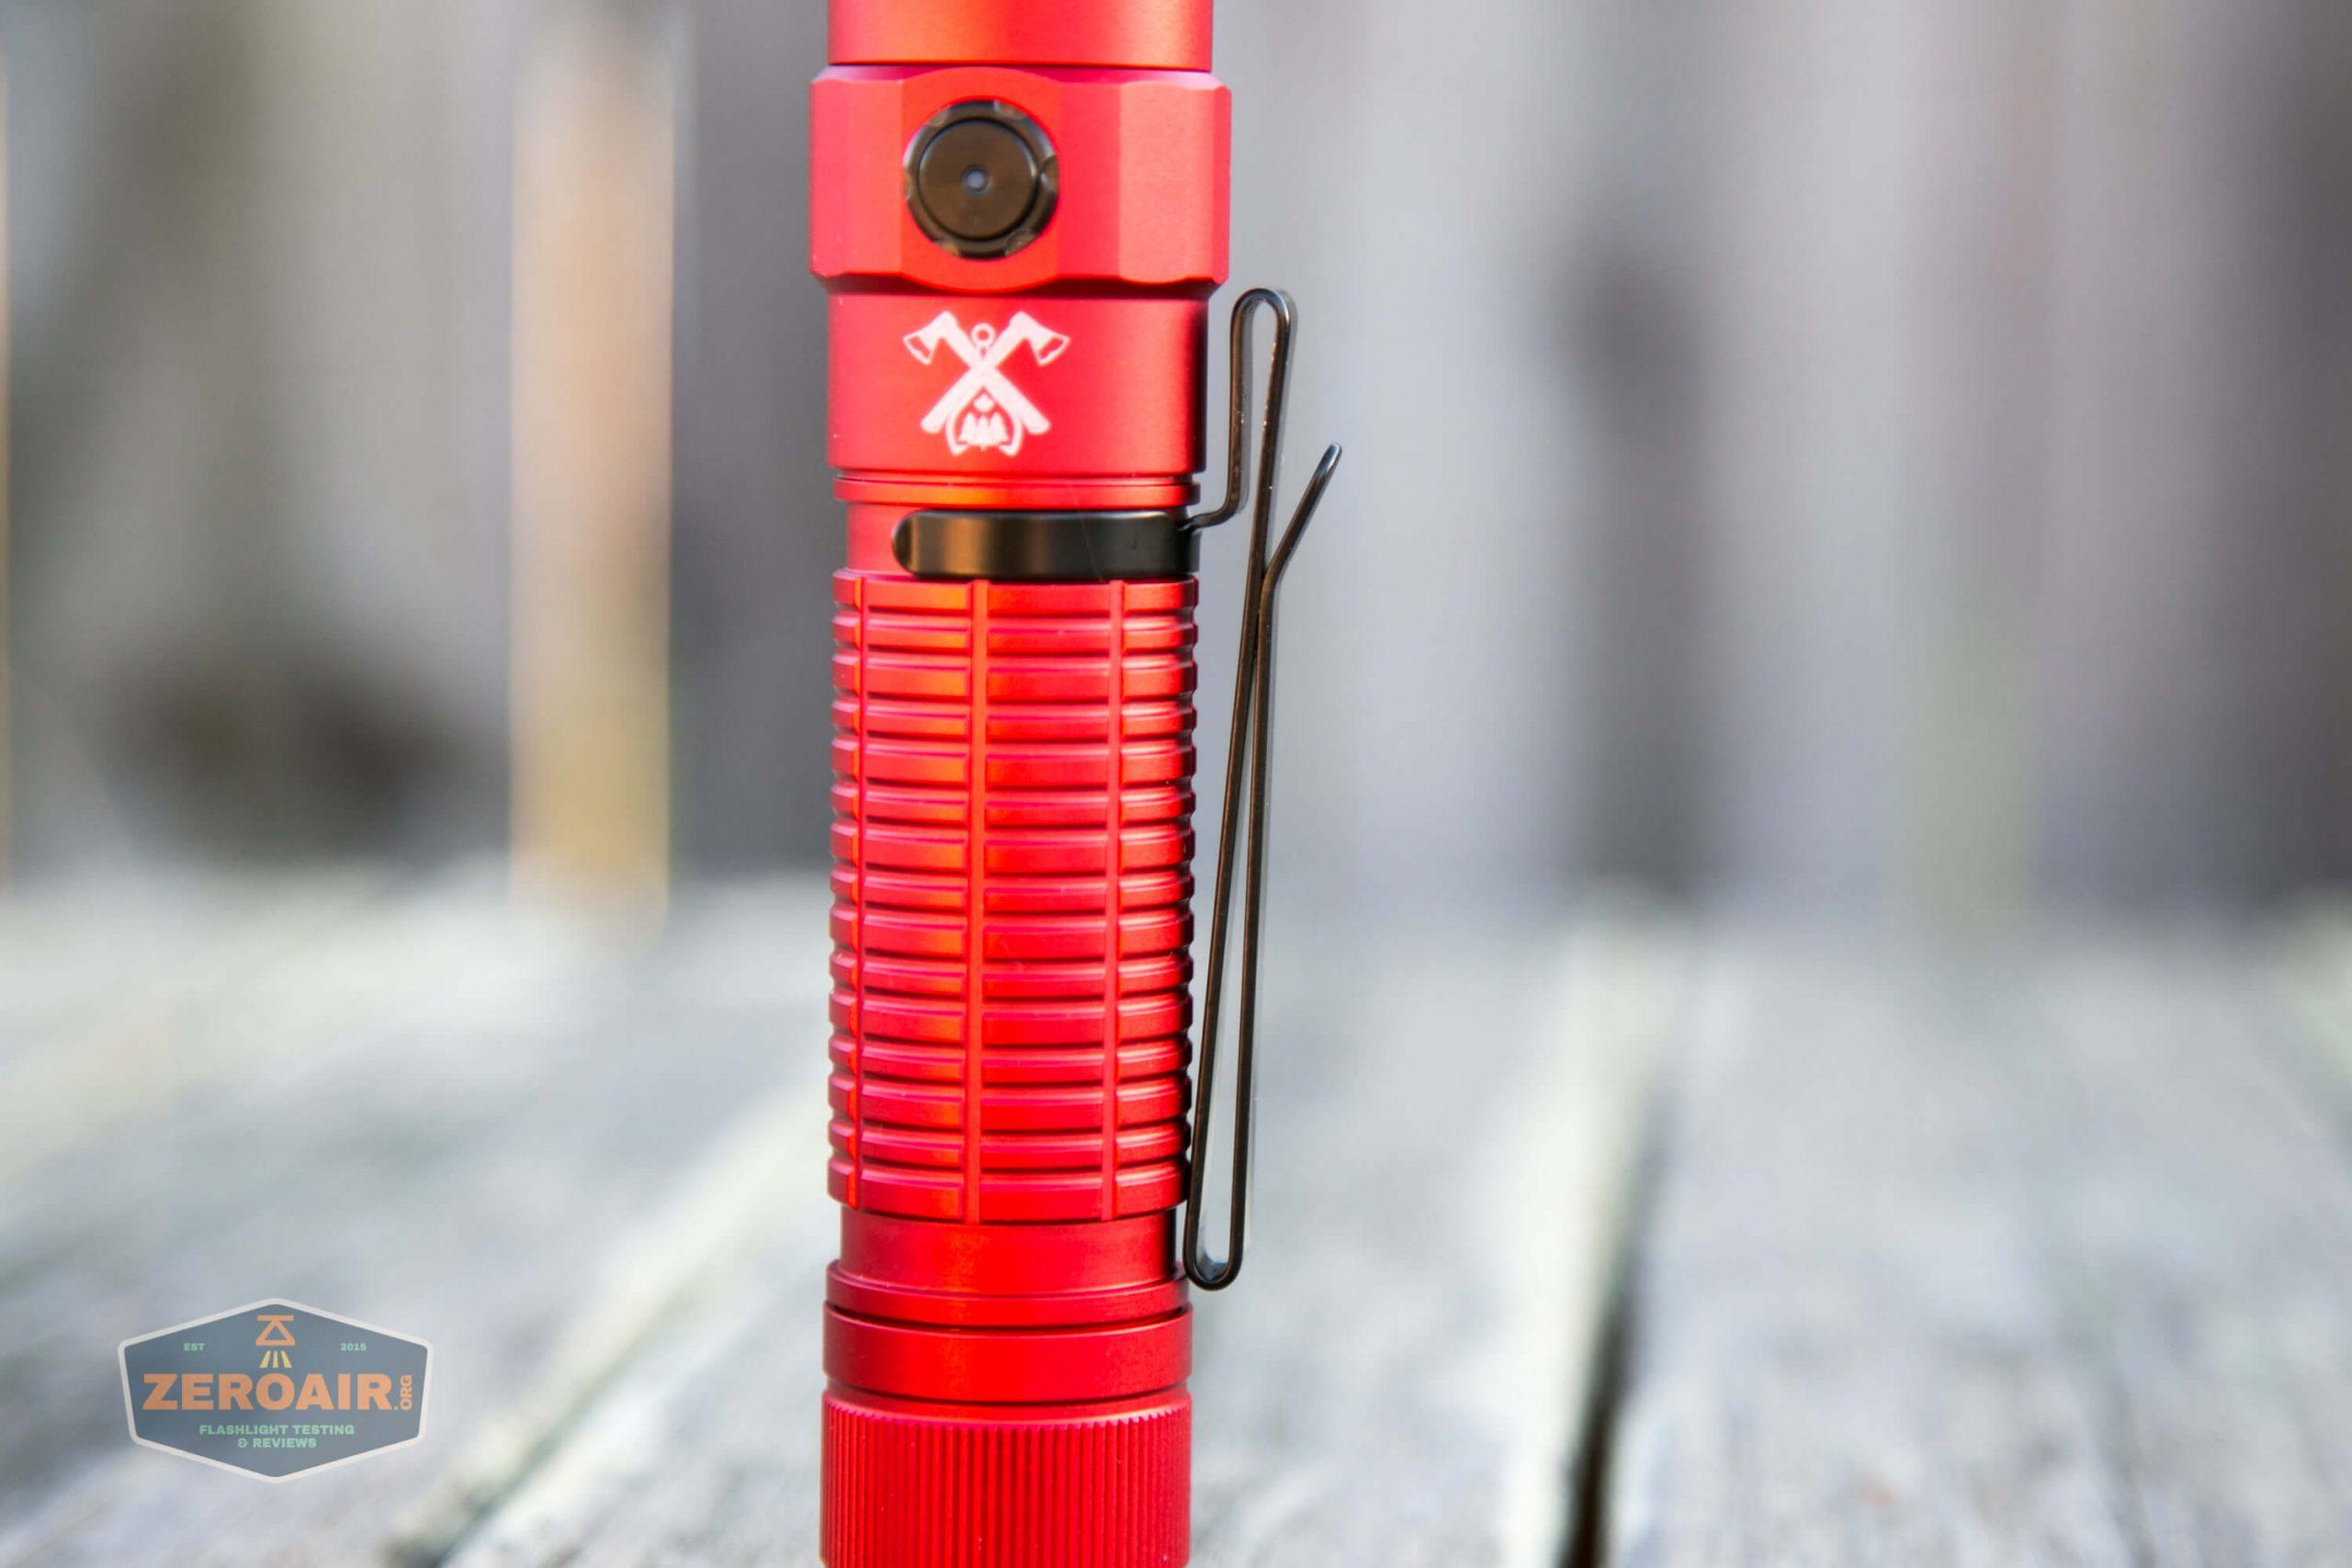 thrunite tt20 the outsider red 21700 flashlight pocket clip side